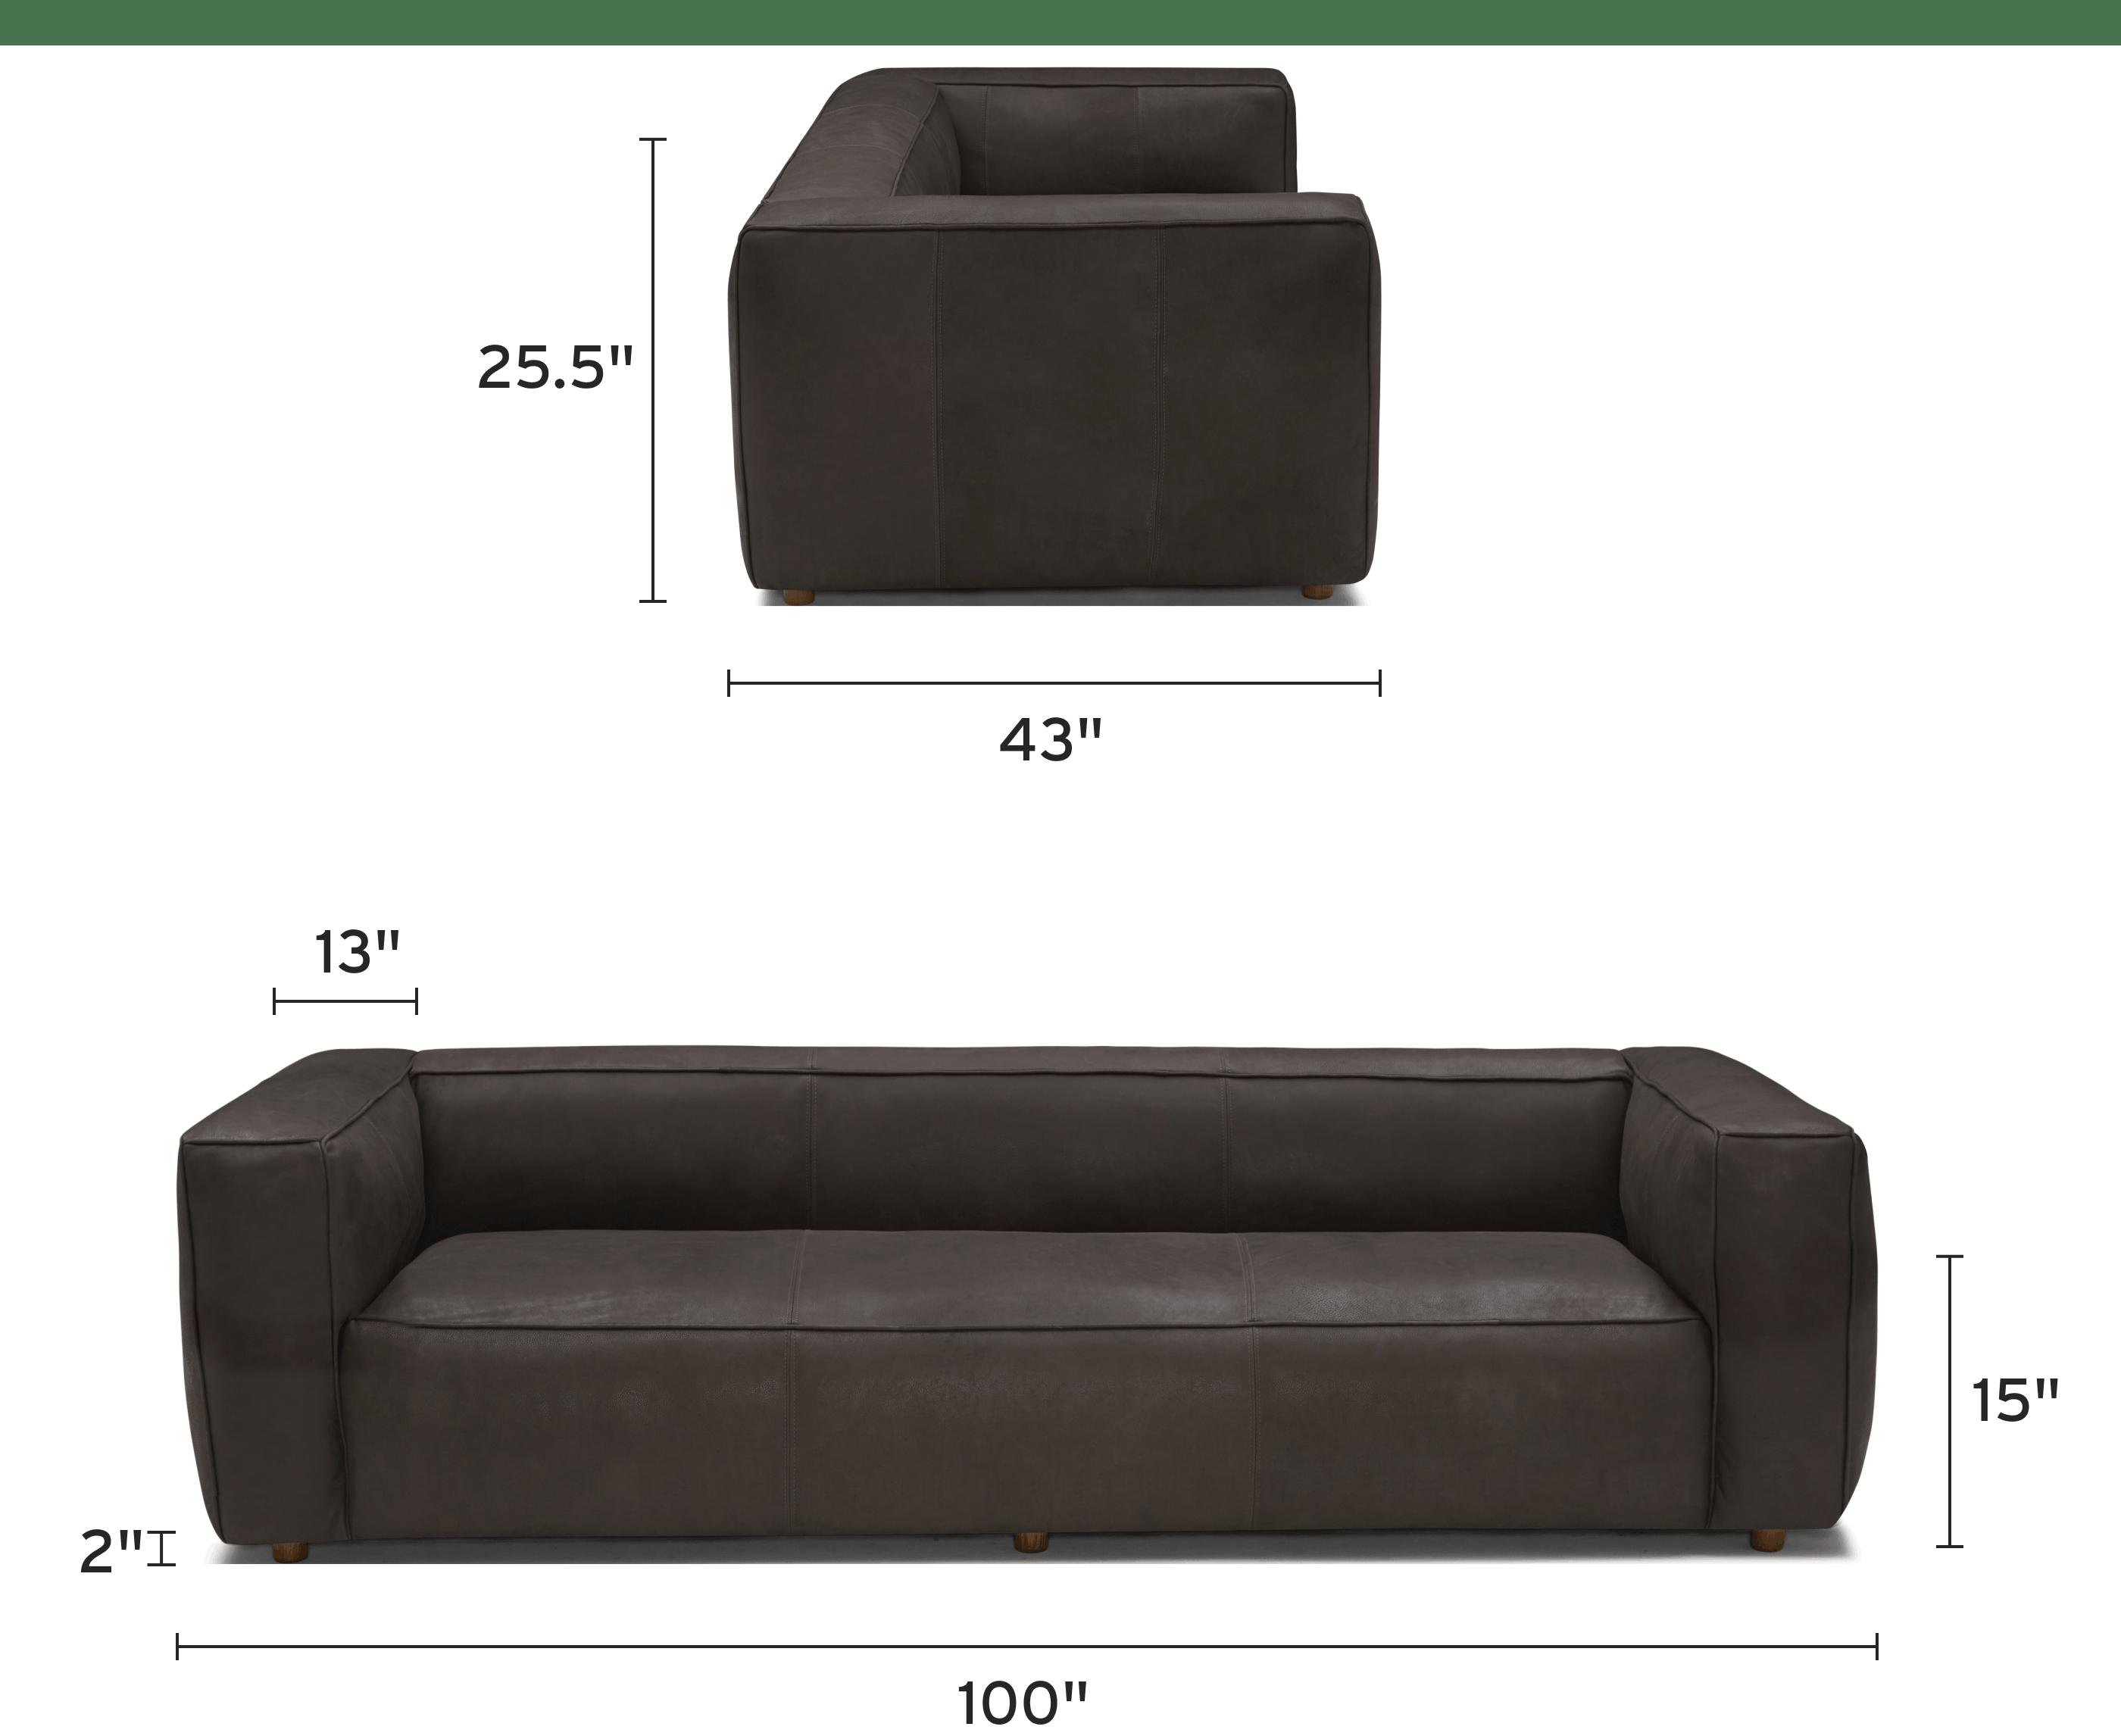 jaxon leather sofa mobile dimensional image